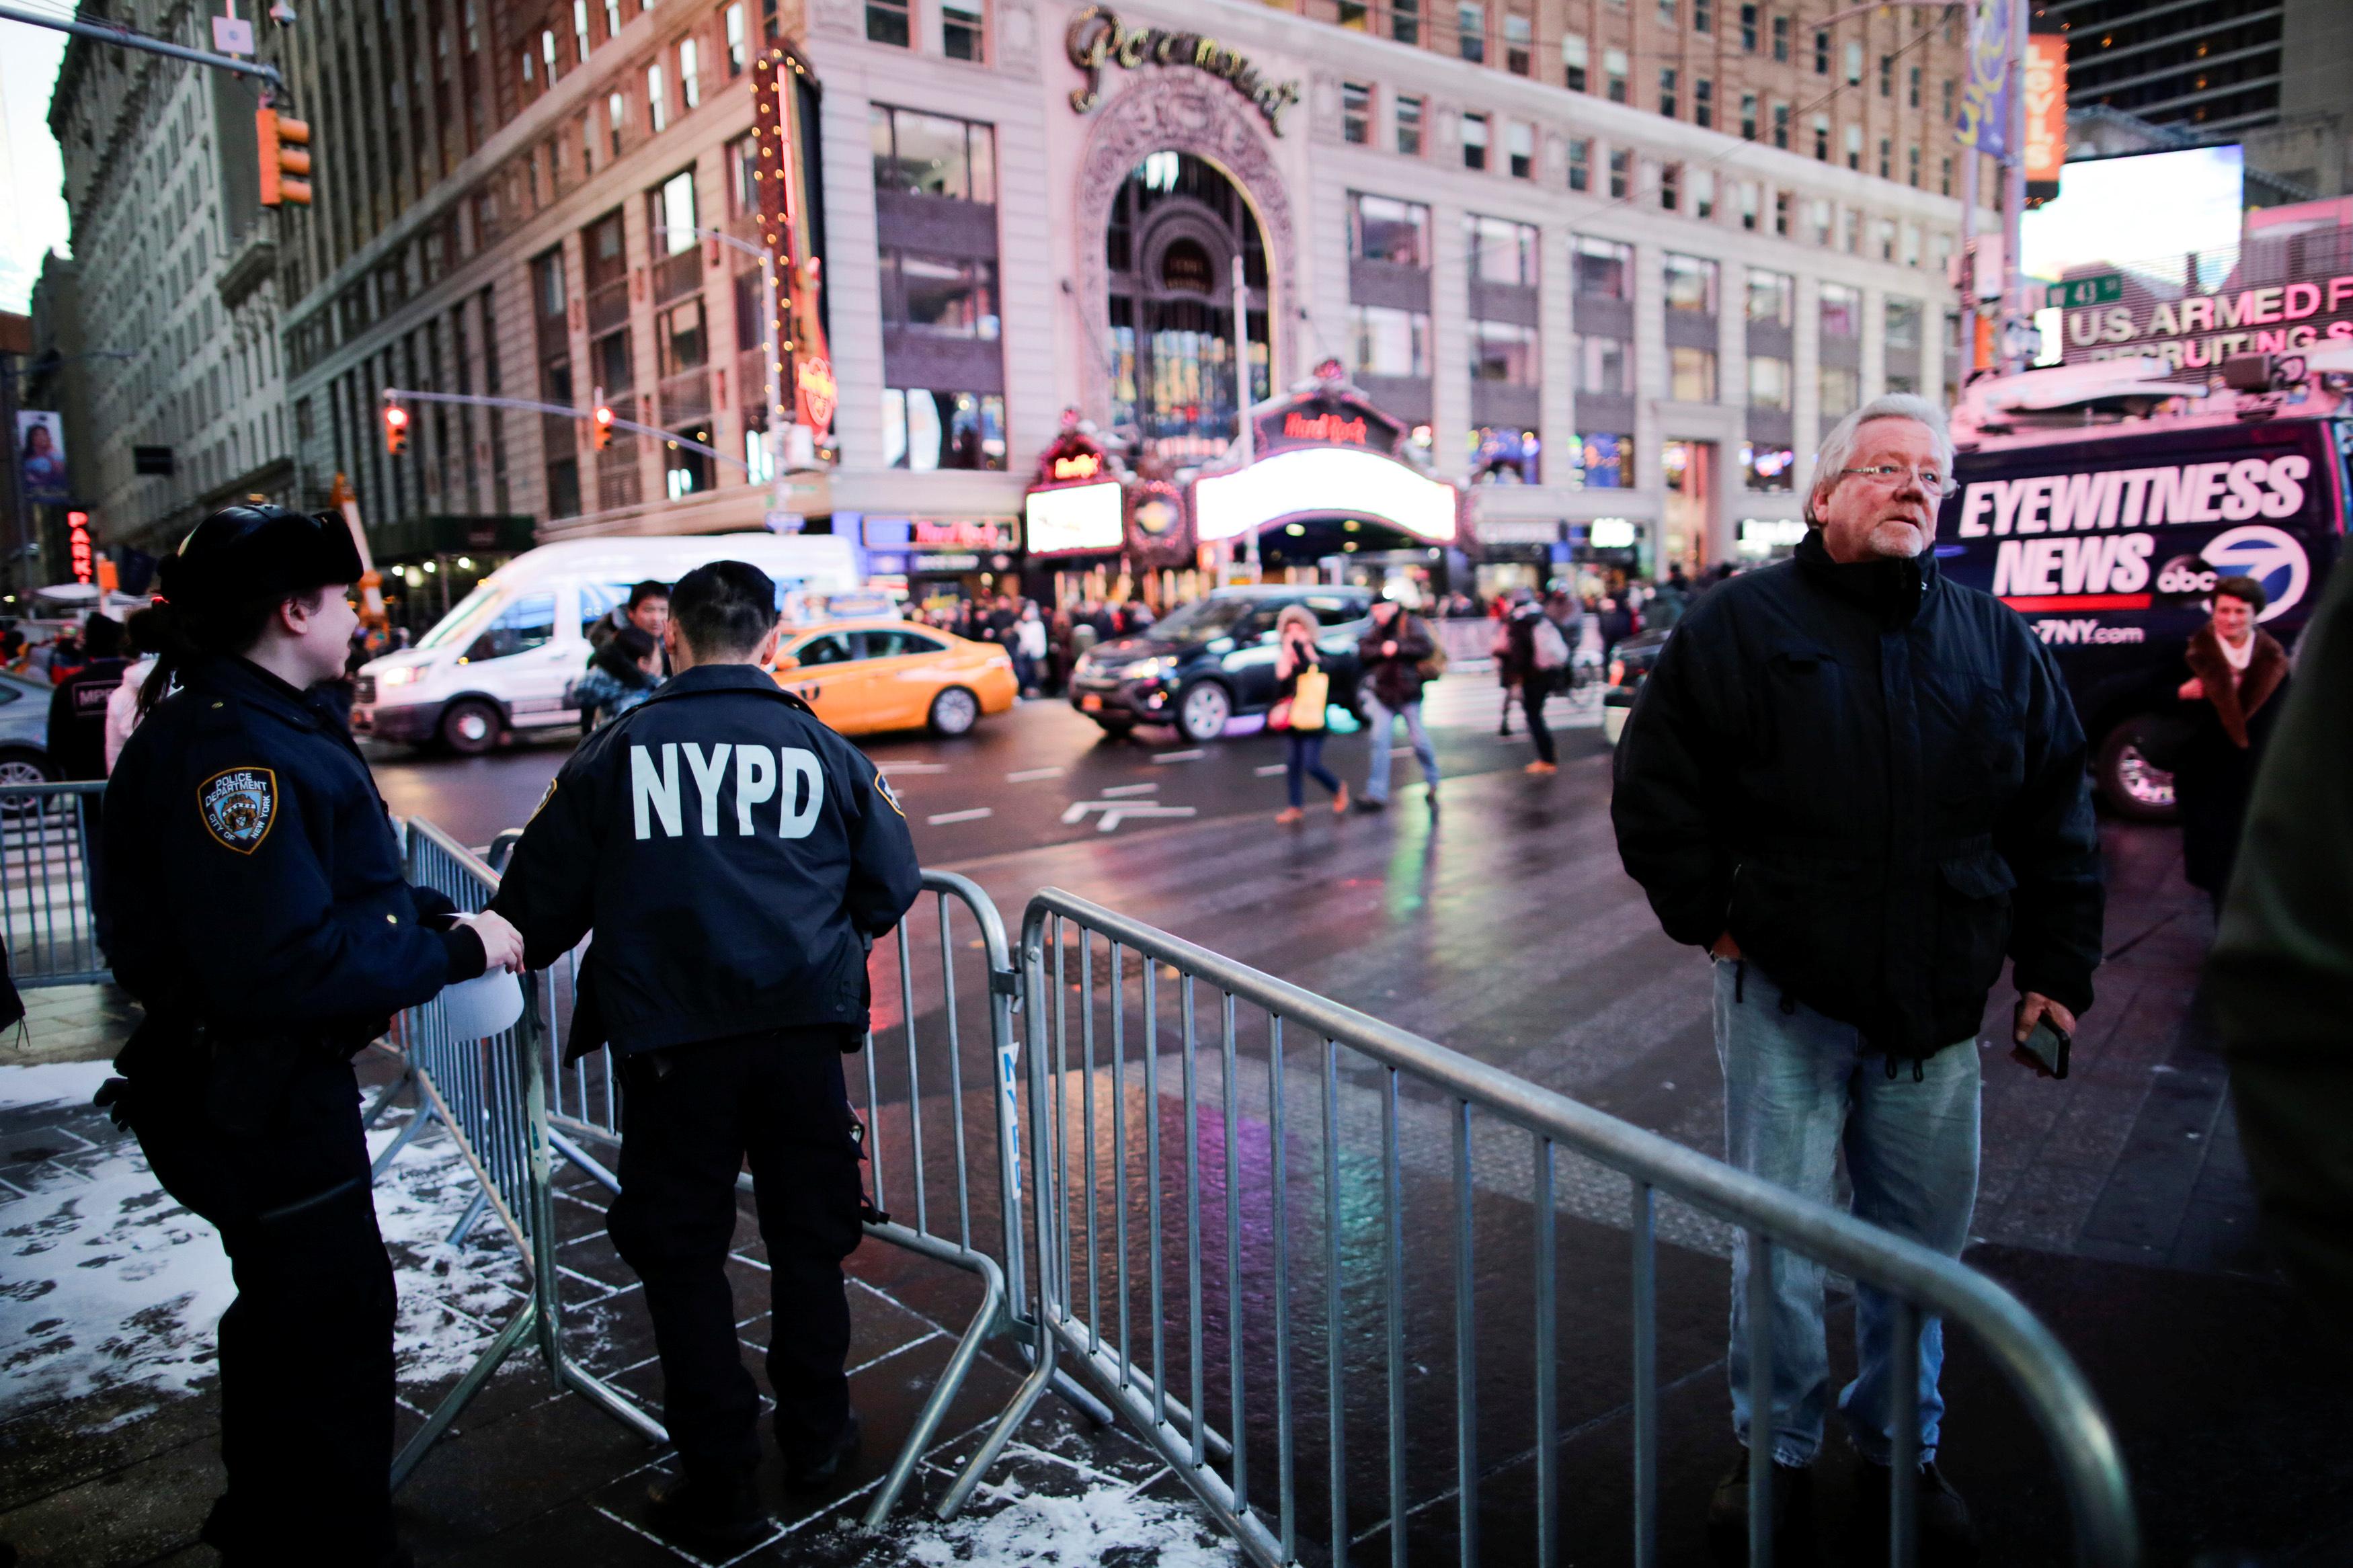 الشرطة الأمريكية تستعد لتأمين احتفالات العام الجديد